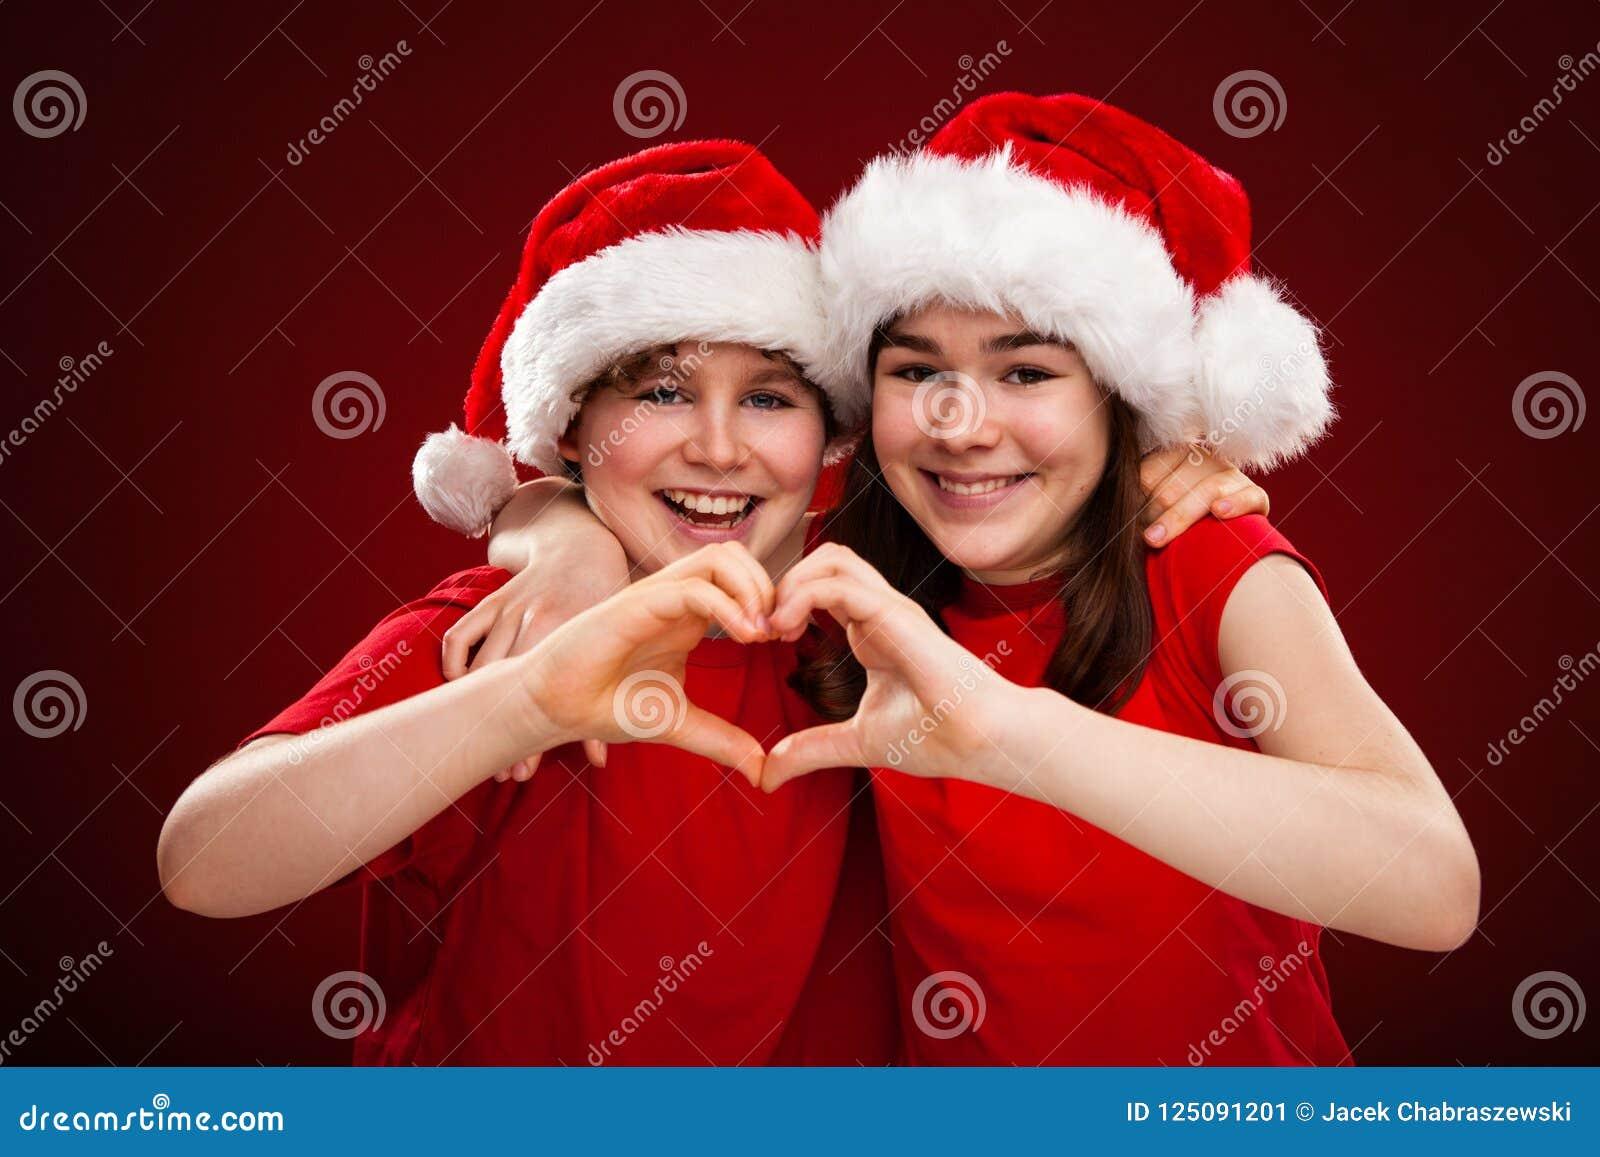 Temps de Noël - la fille et le garçon avec Santa Claus Hats montrant le coeur signent